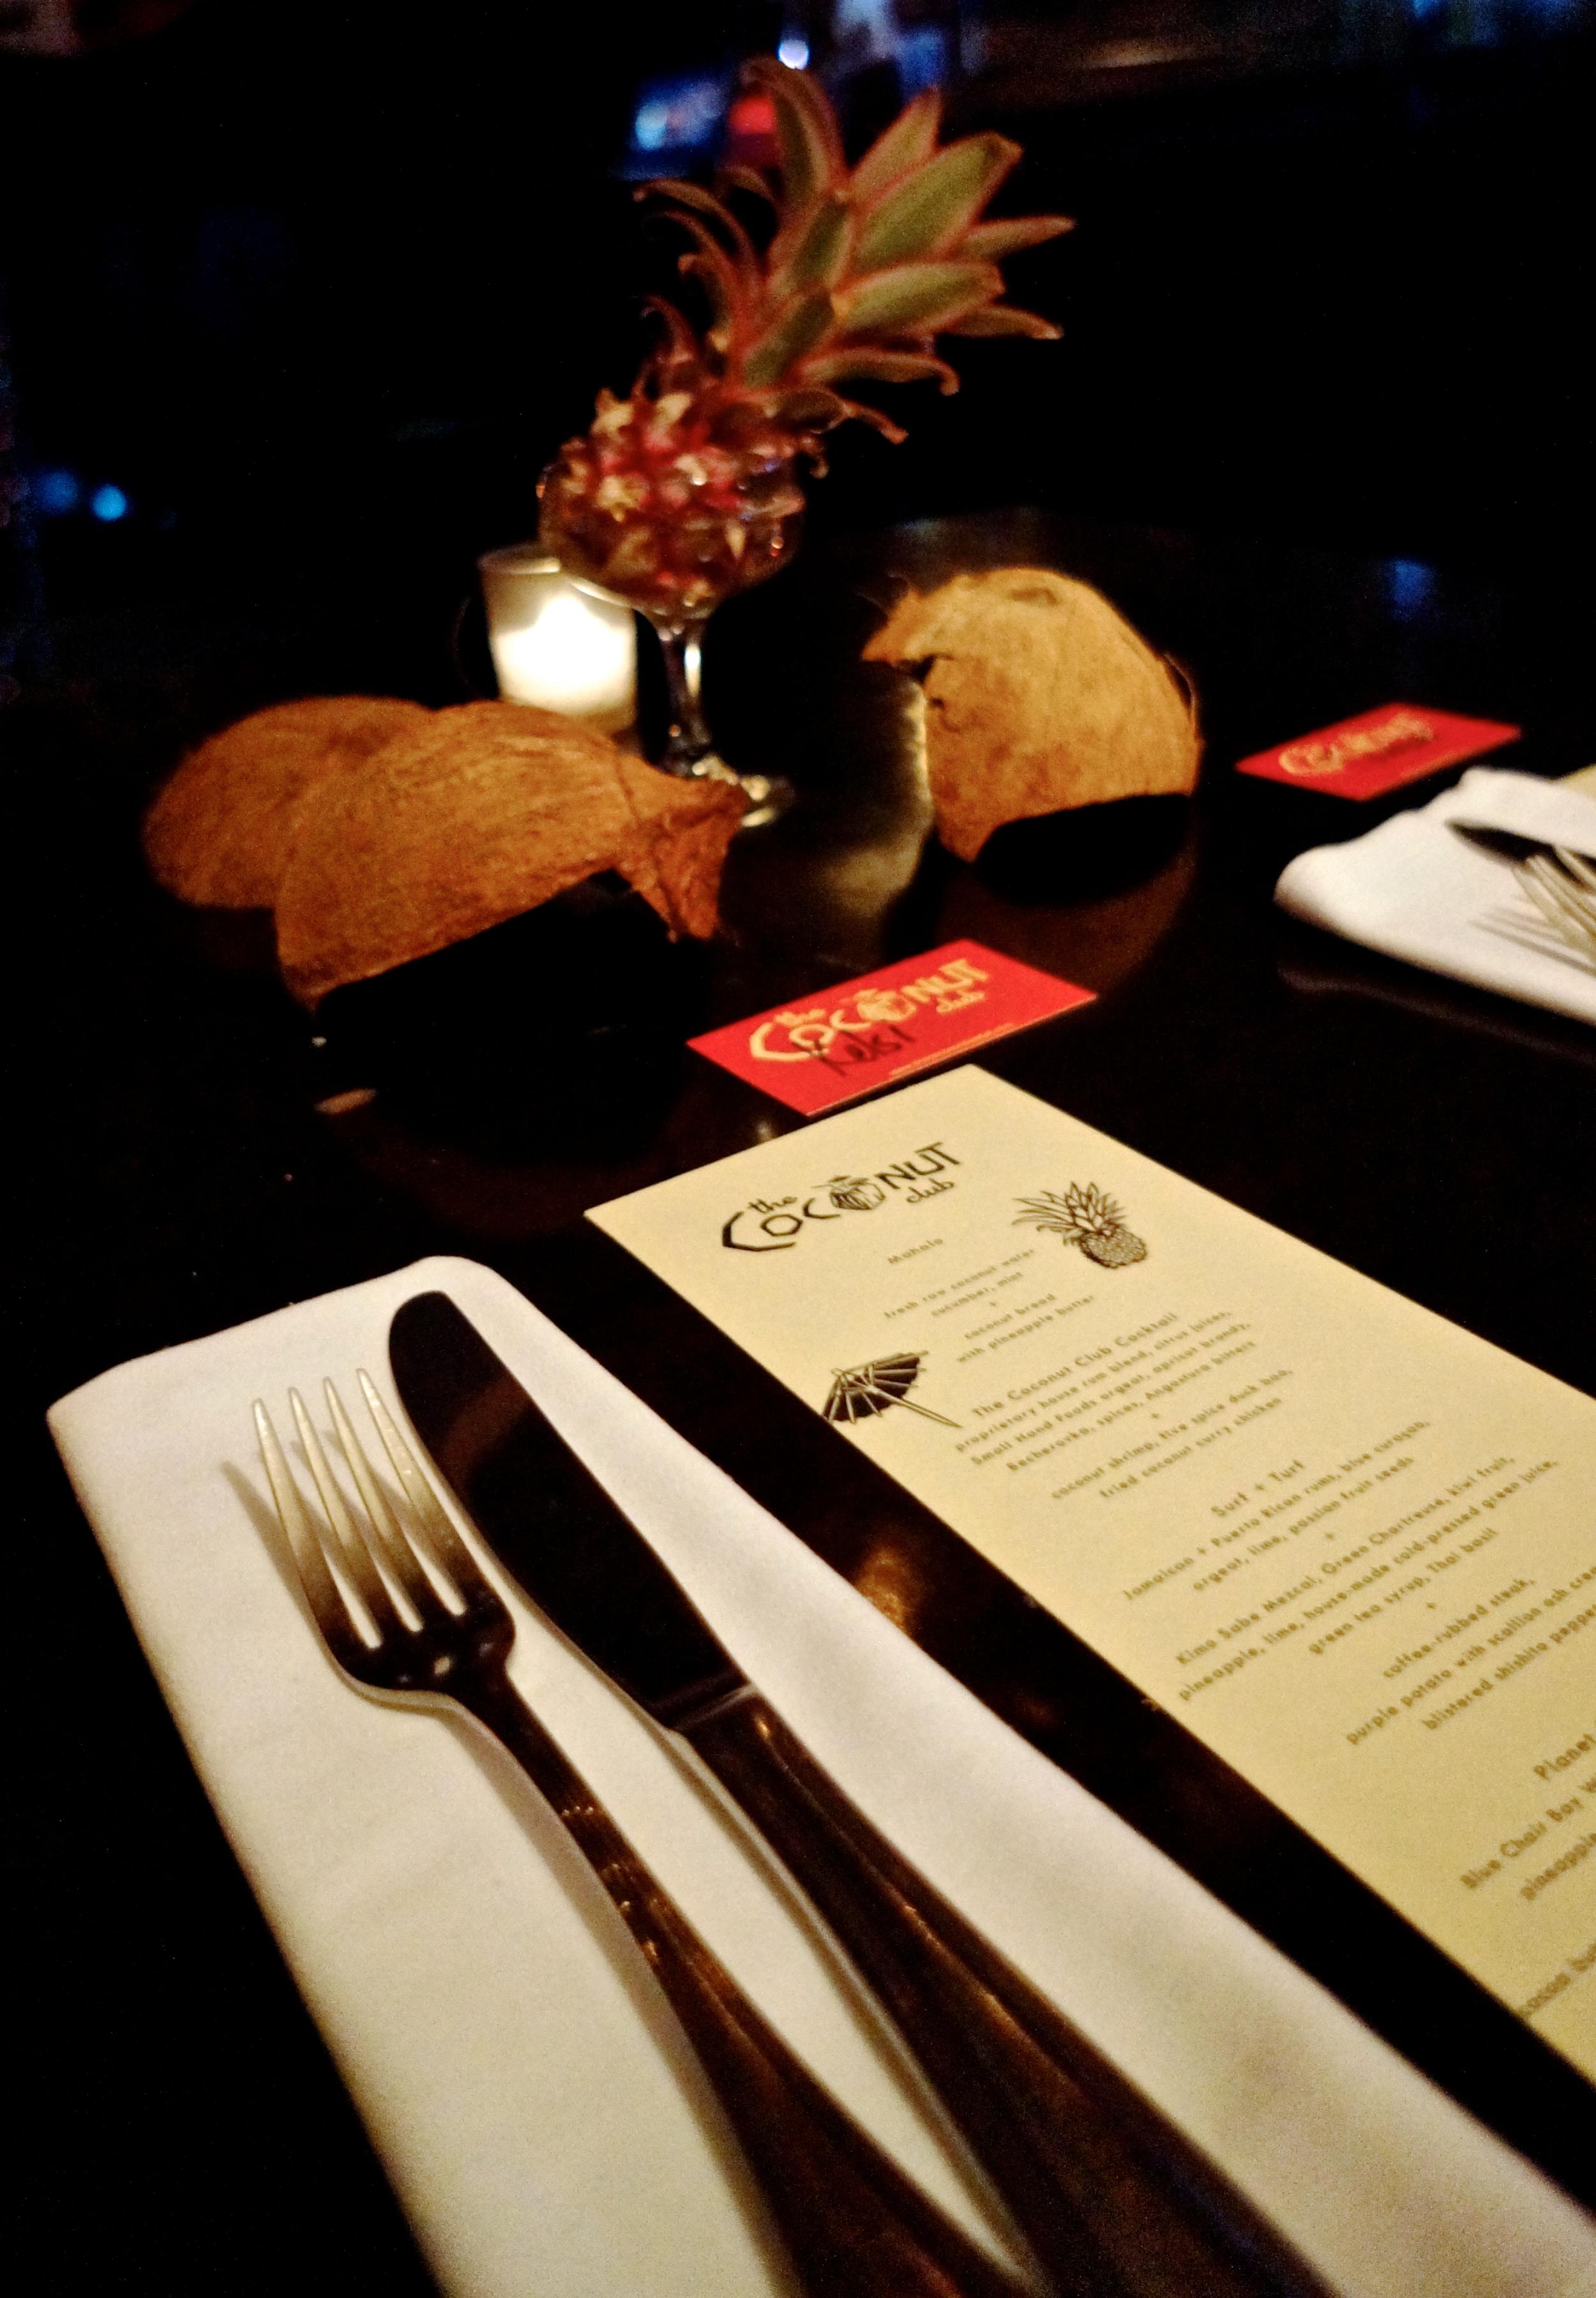 coconut-club-menu-table.jpg